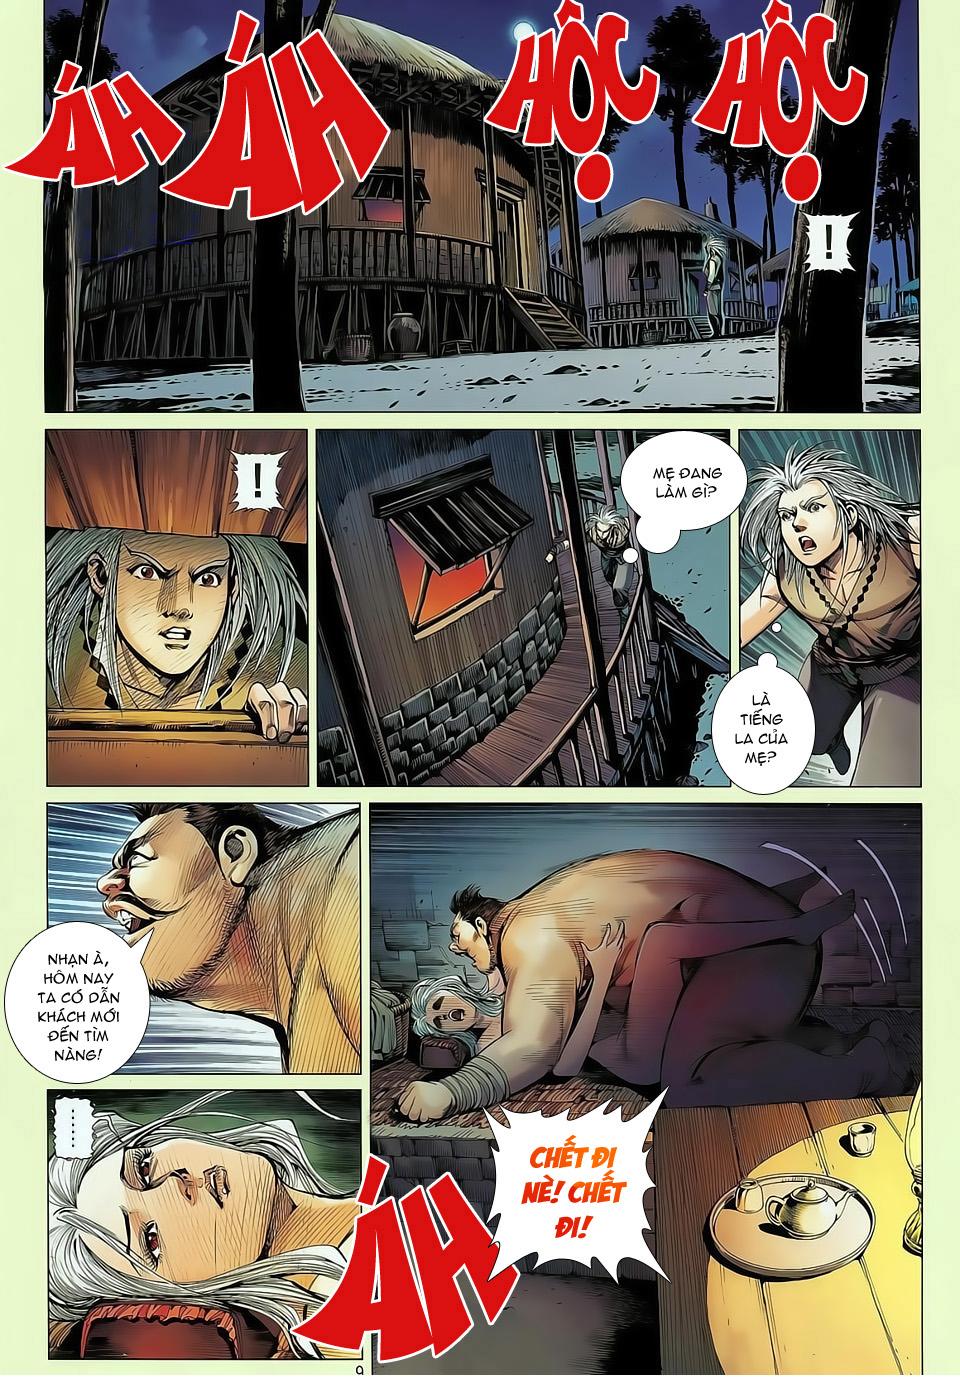 truyện tranh thiết tướng tung hoành Chapter 25/